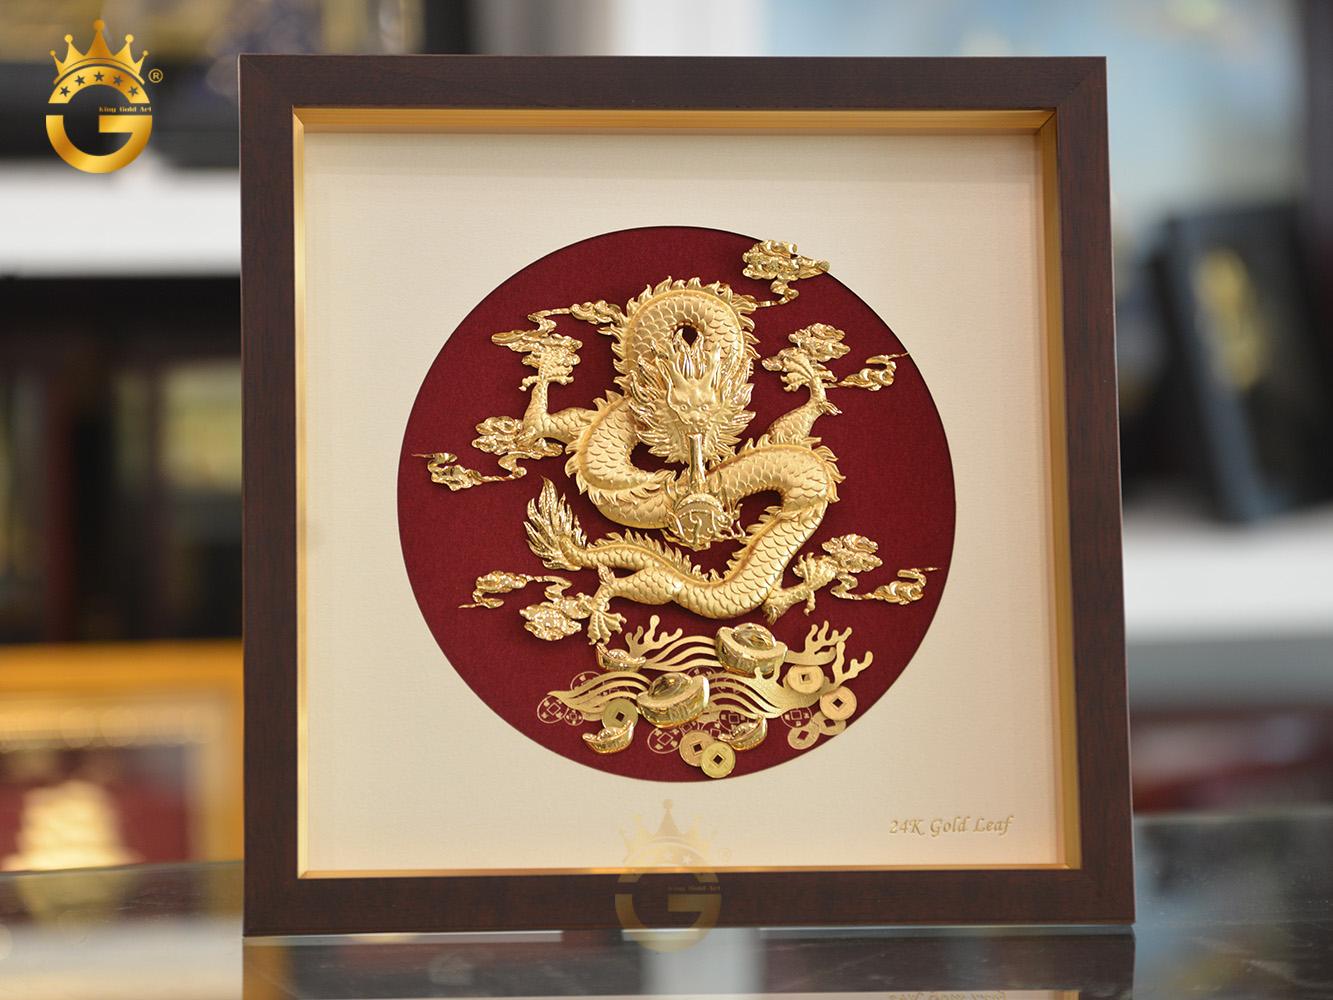 Giá bán tranh rồng phú quý vàng lá 24k đẹp tinh xảo0